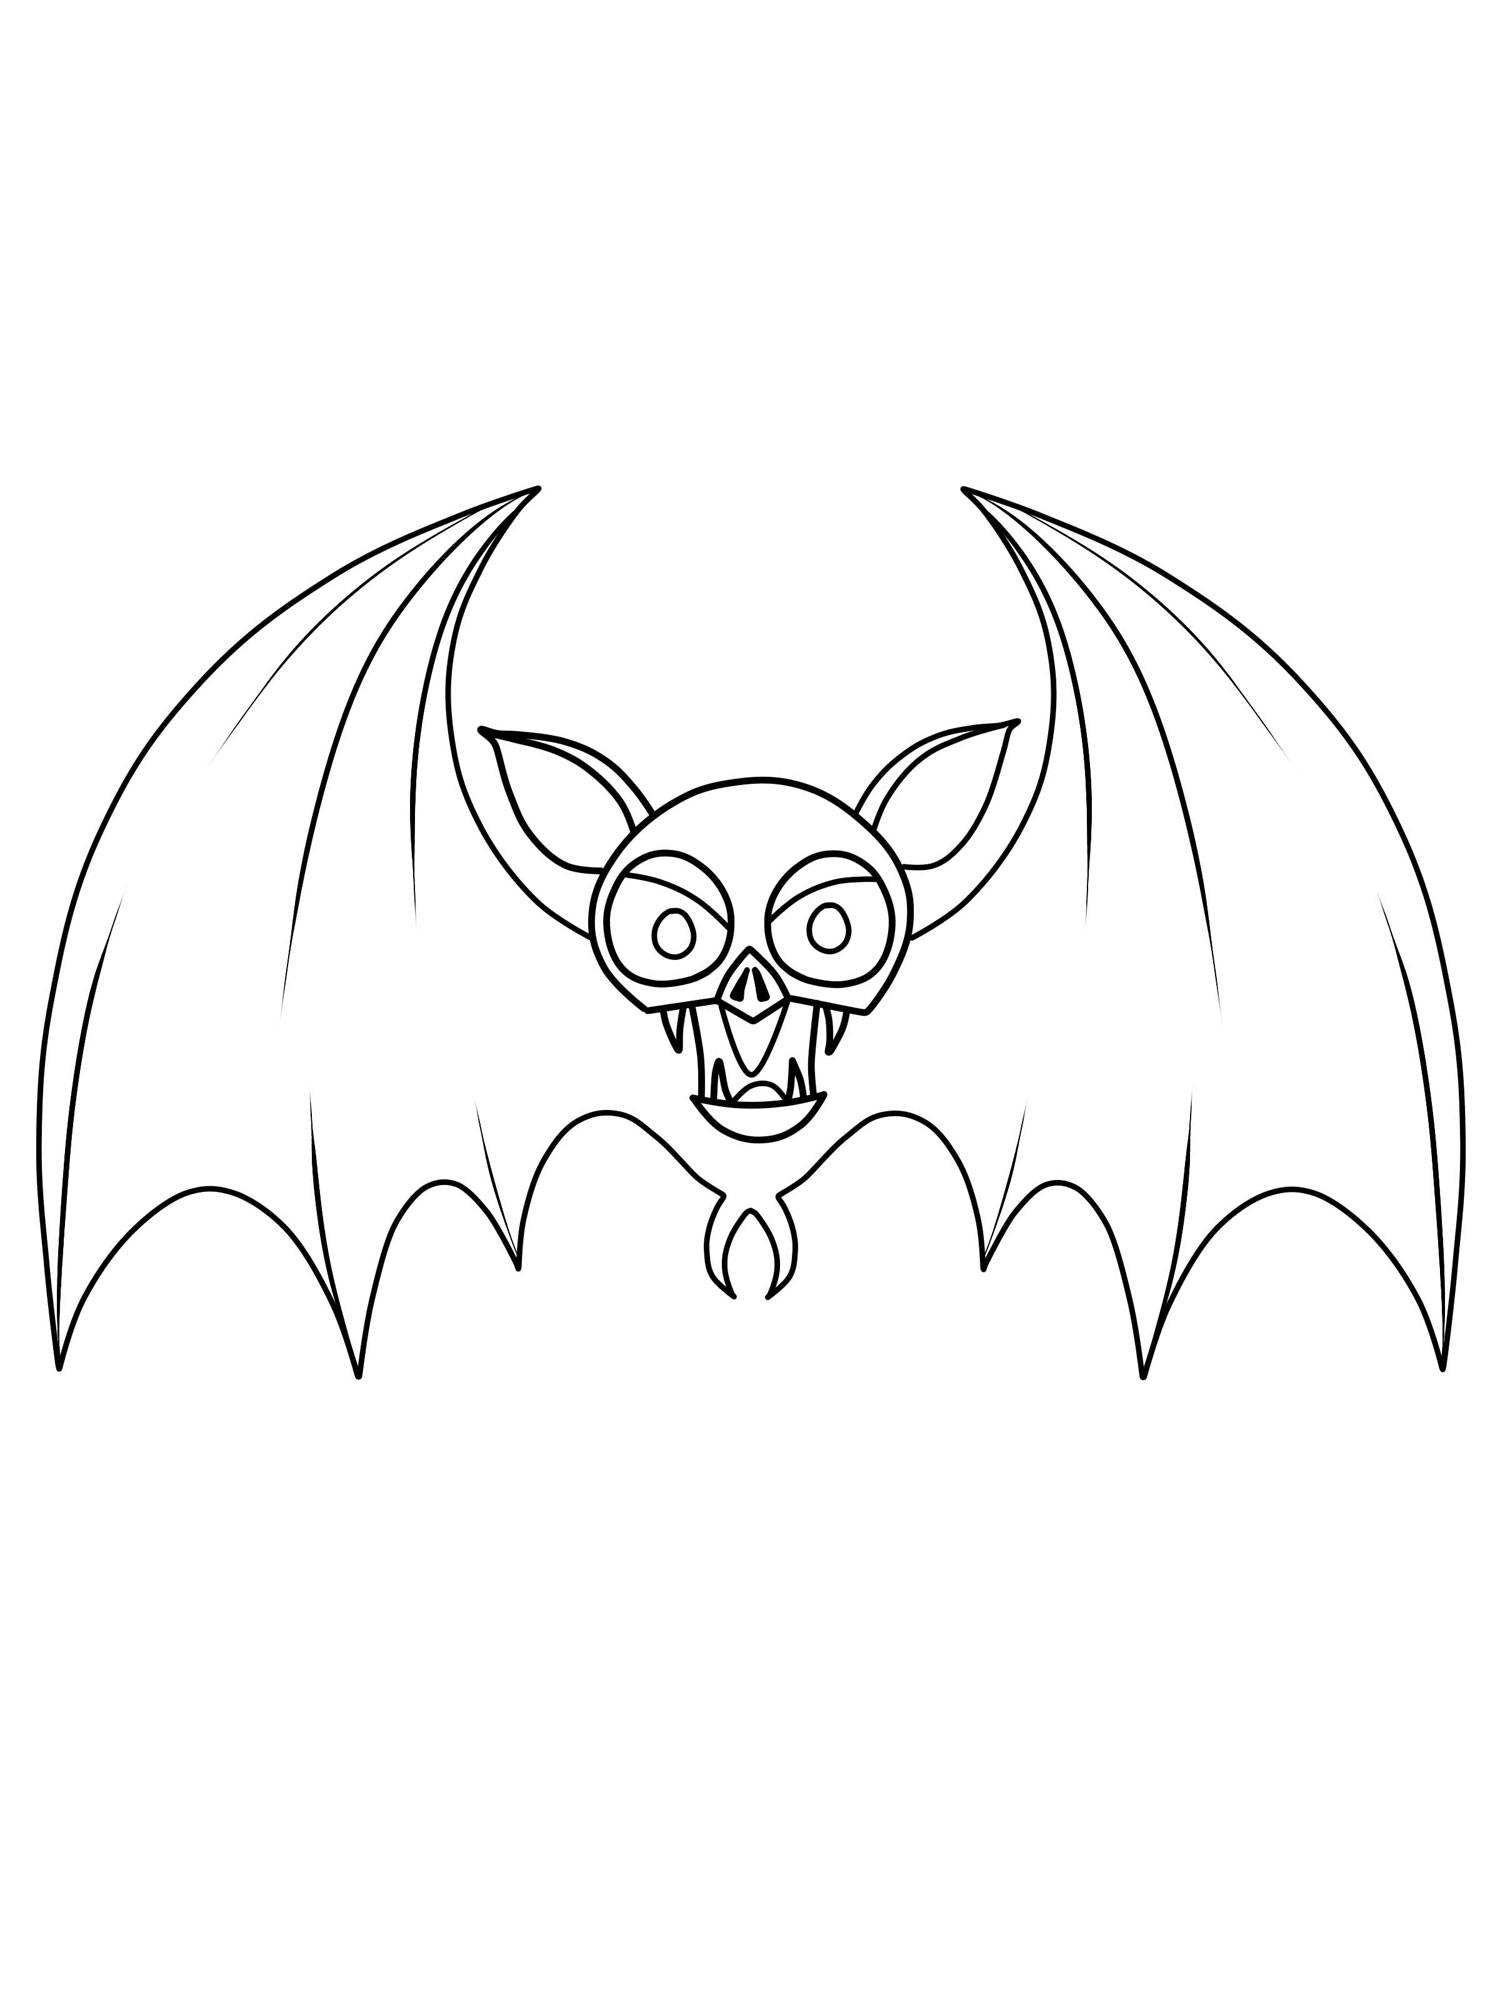 Kostenlose Malvorlage Halloween: Fledermaus Zum Ausmalen in Fledermaus Zum Ausmalen